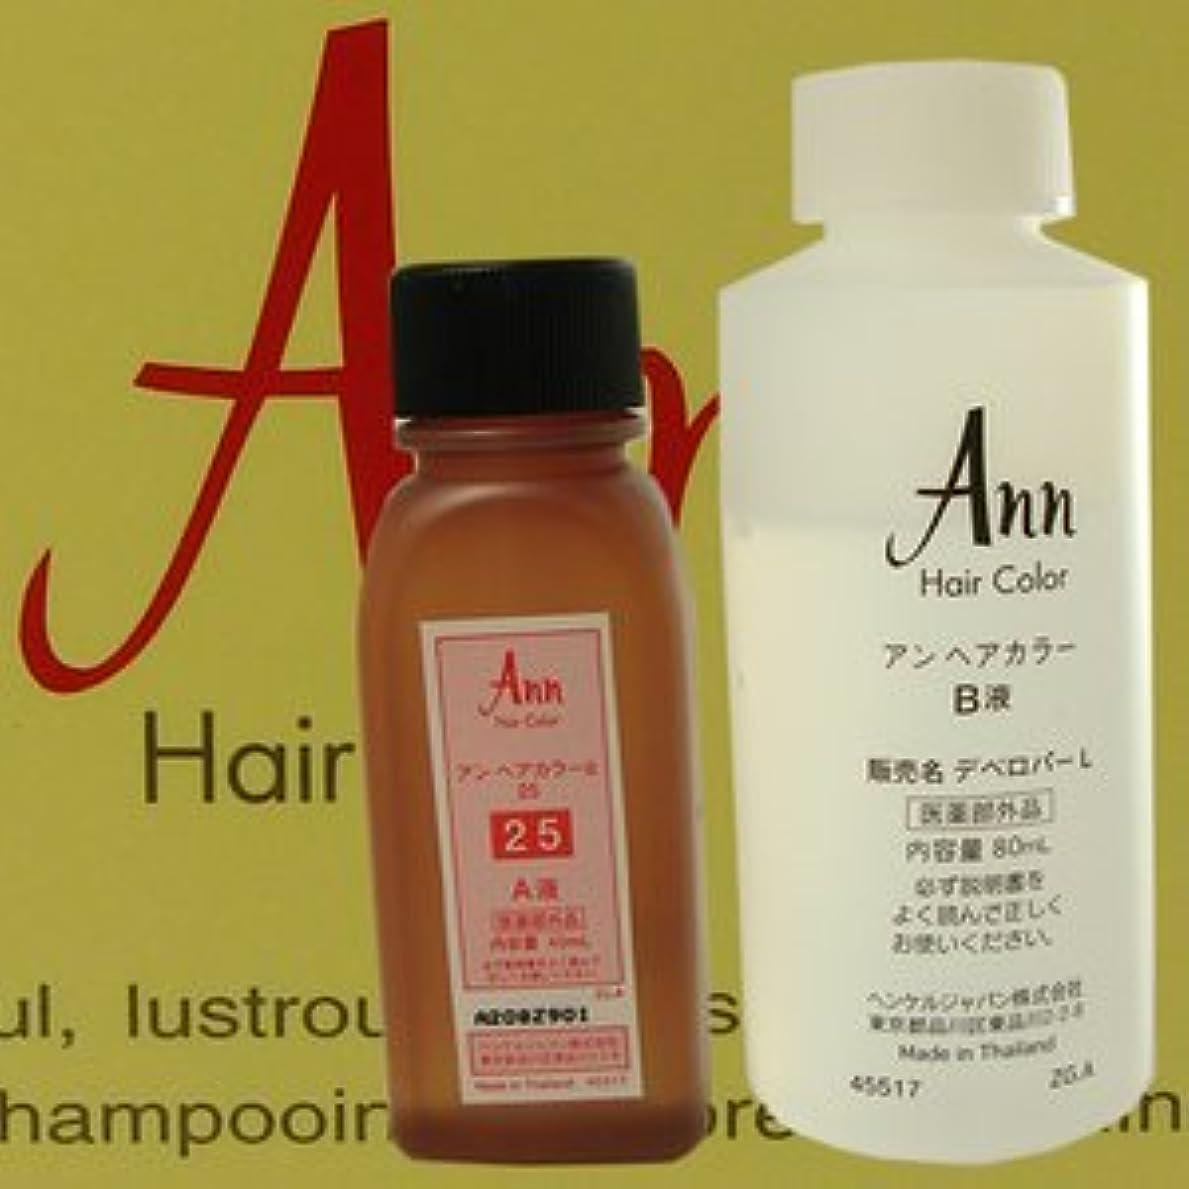 ポール禁止するあなたのものアン ヘアカラー 【白箱】 ANN HAIRCOLOR 43(黄色味をおびた栗色)